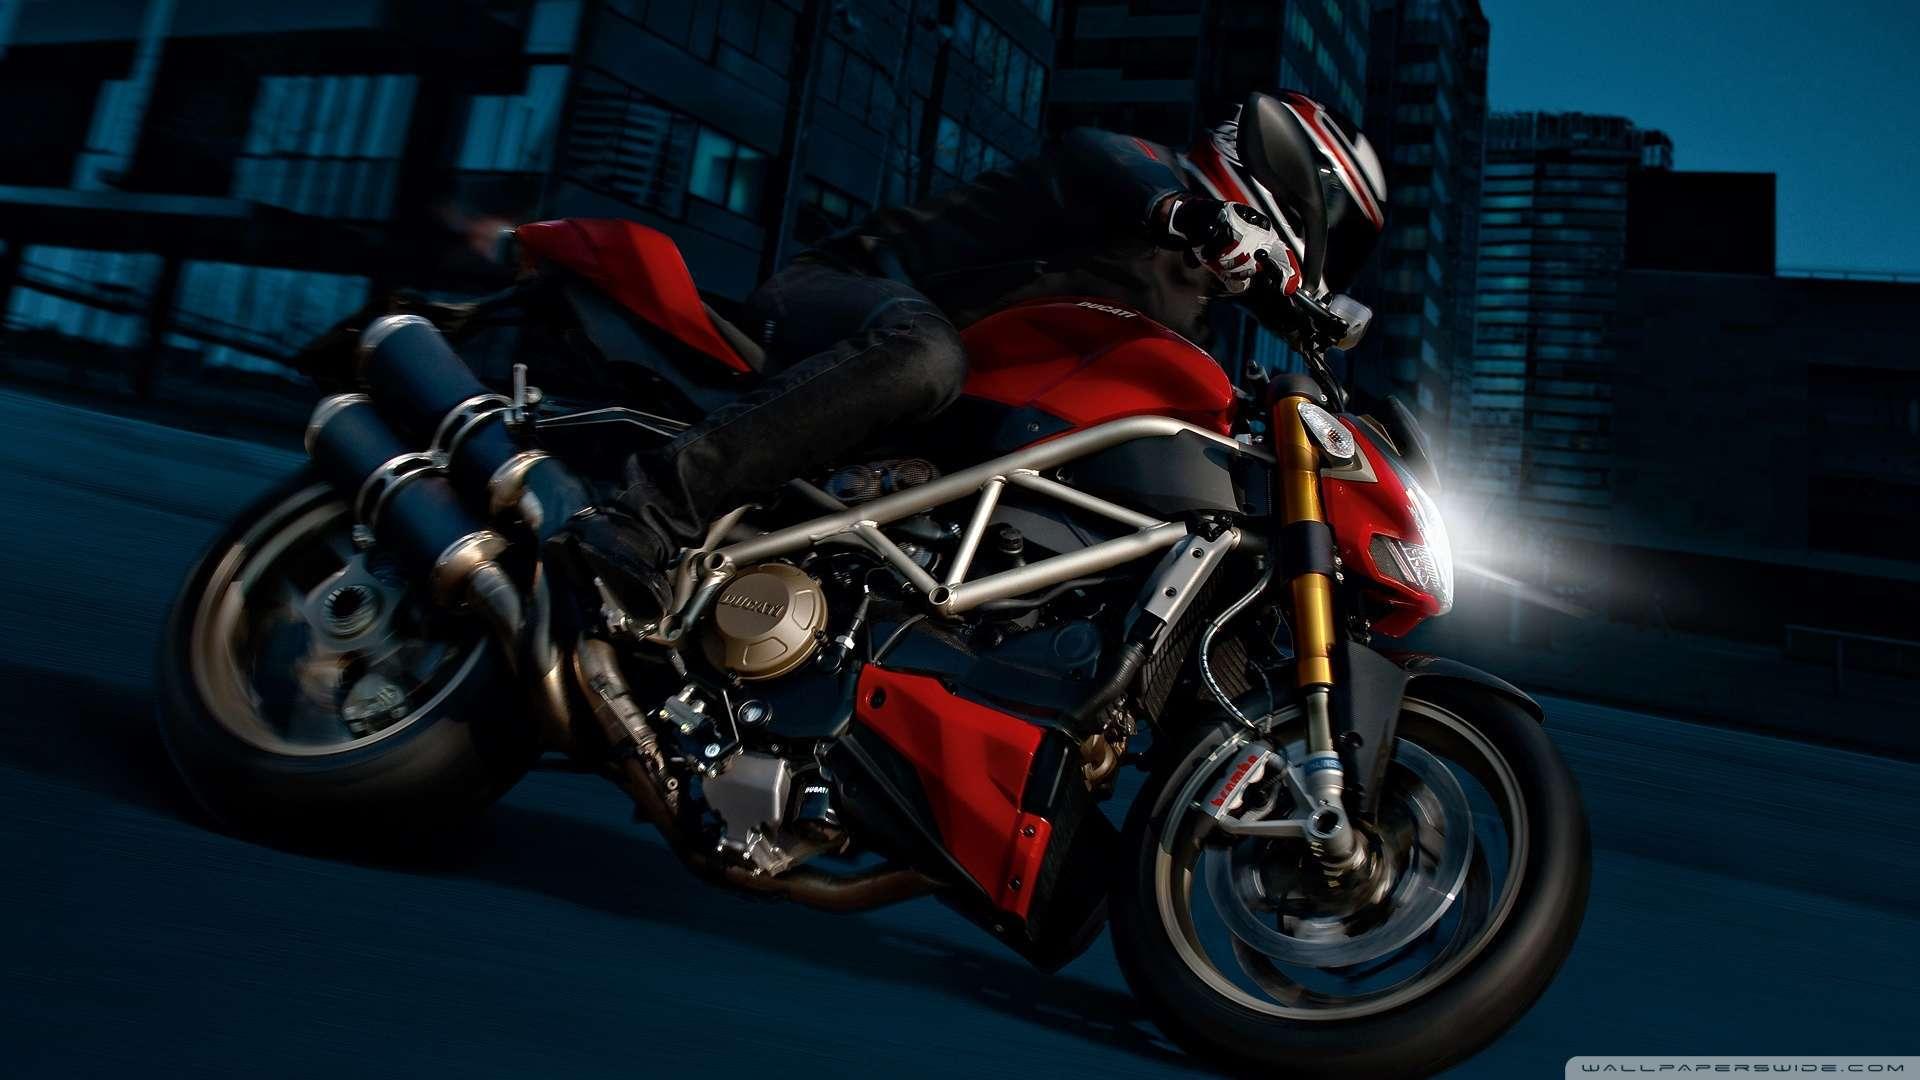 Wallpaper Ducati Bike 1080p HD Upload At January 19 2014 1920x1080